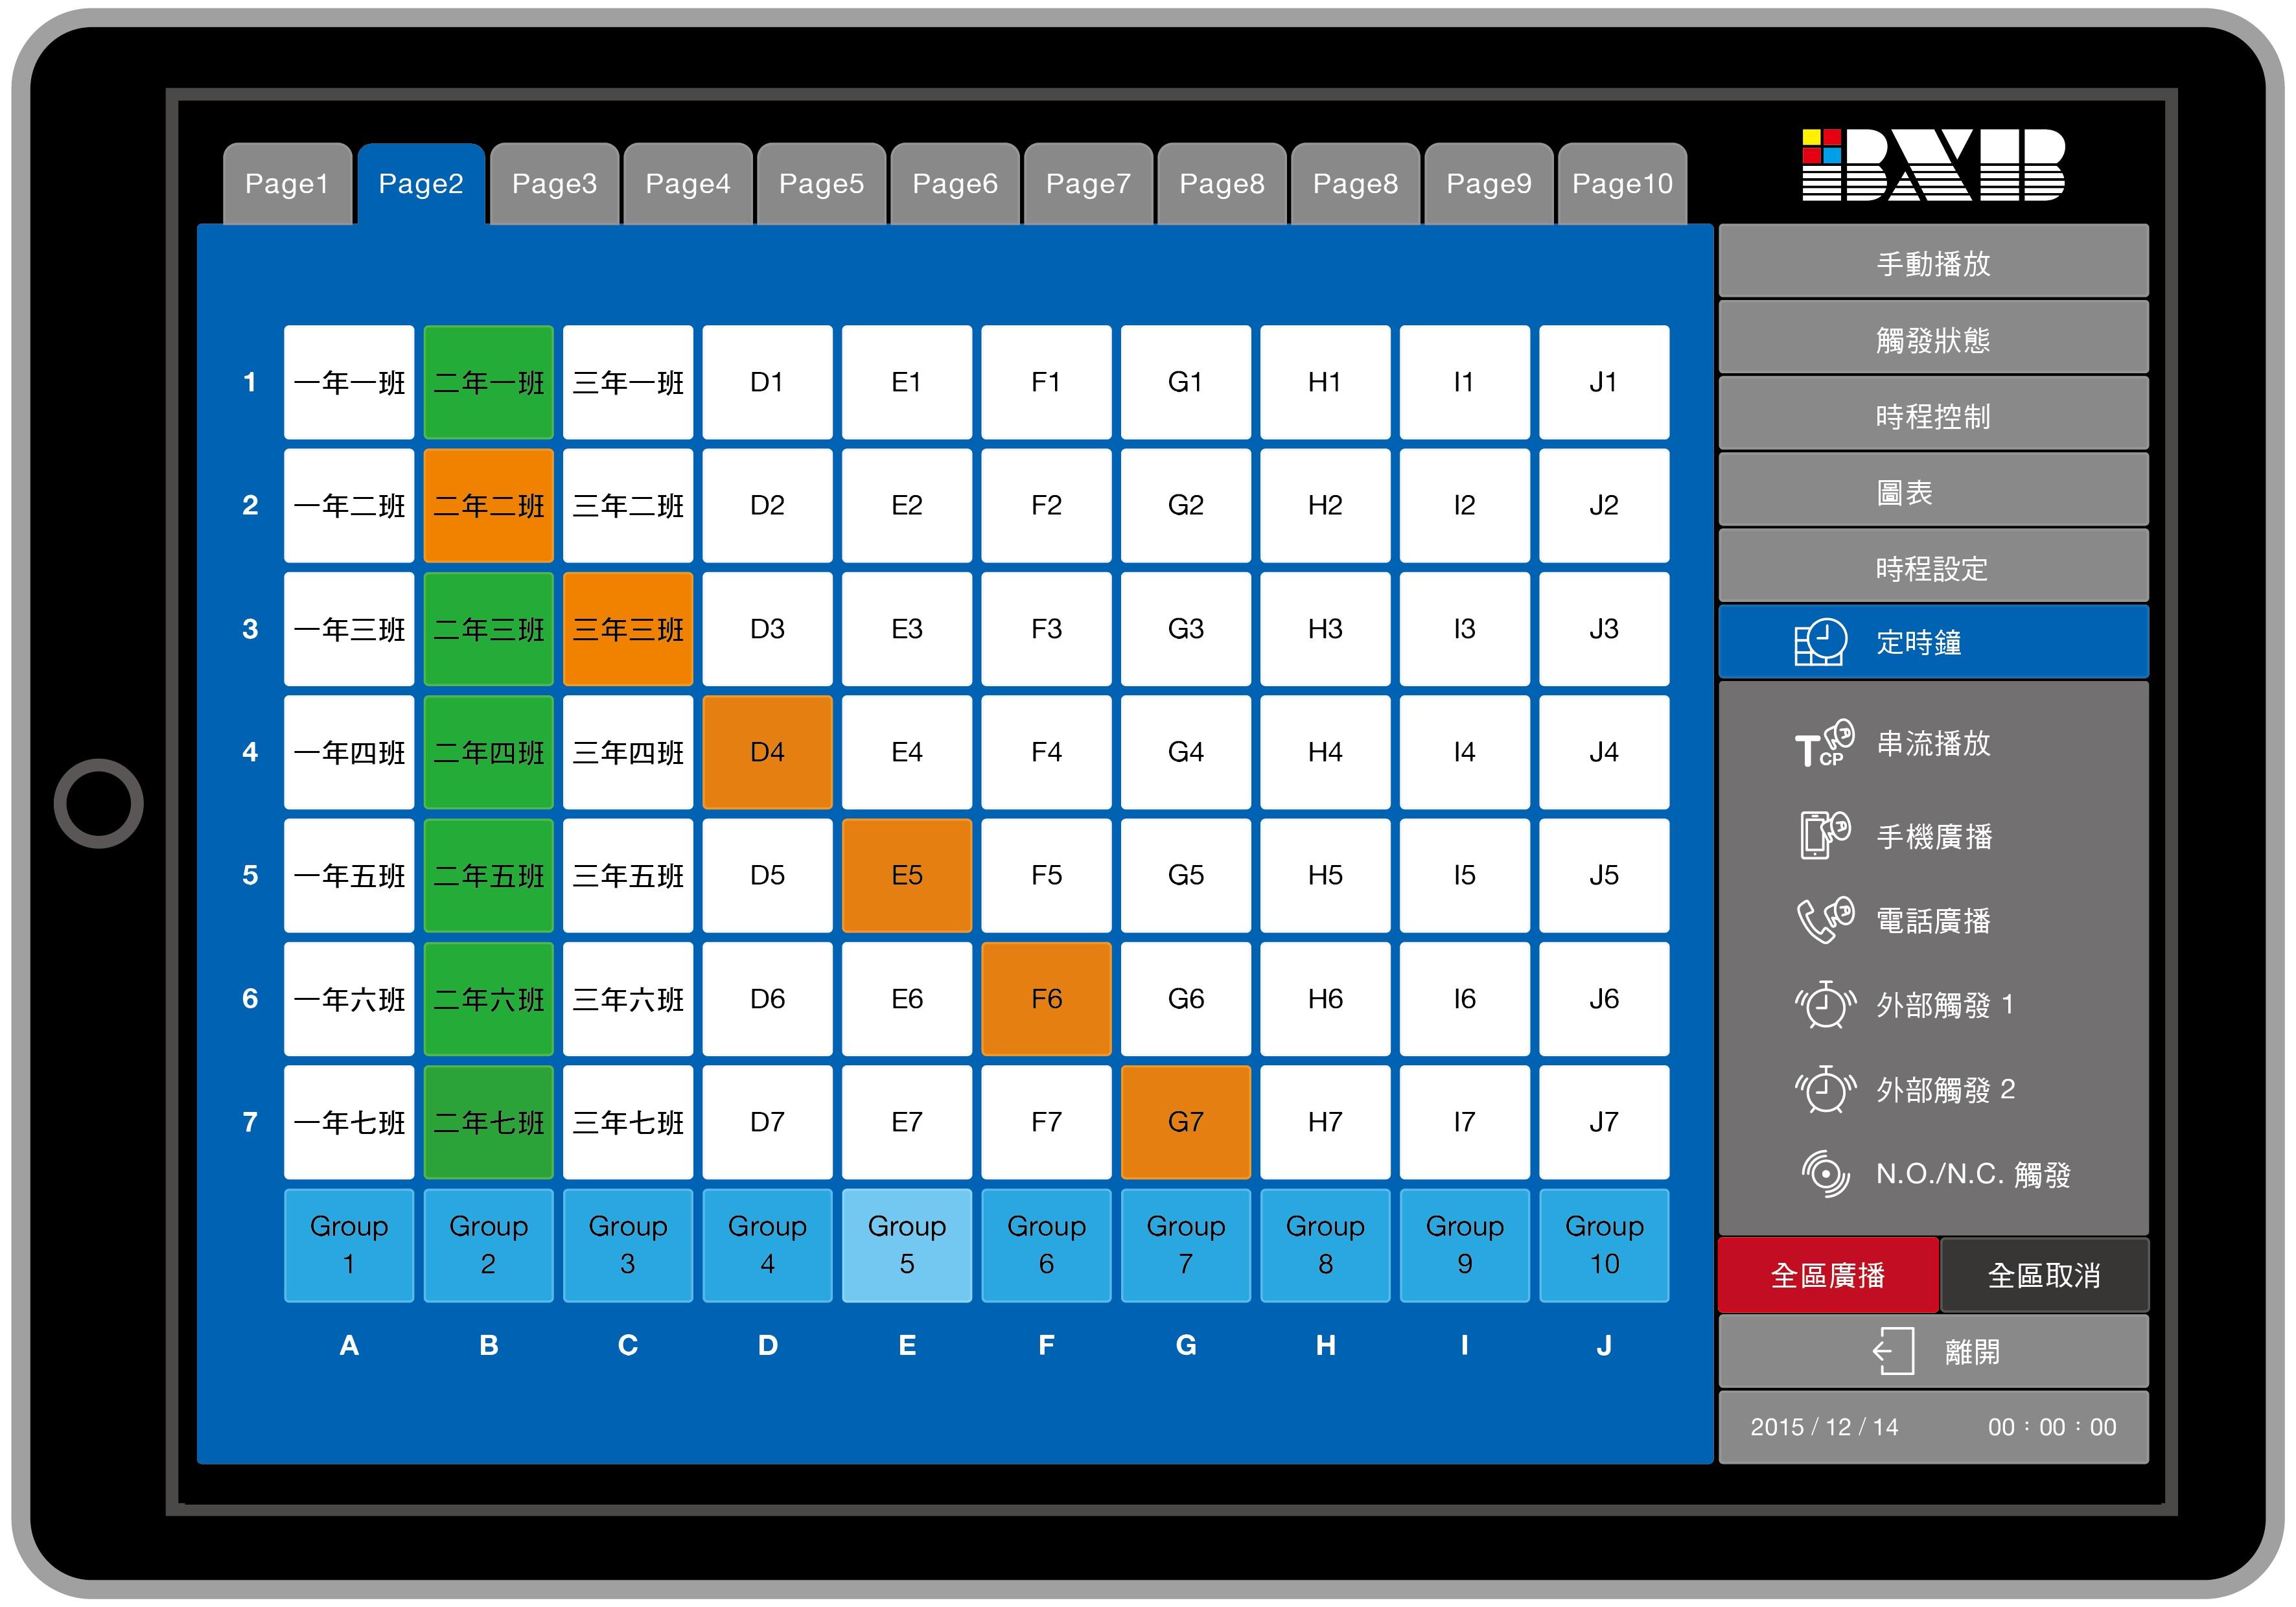 圖形化影音廣播管理軟體 (聲音+影像+電視控制)